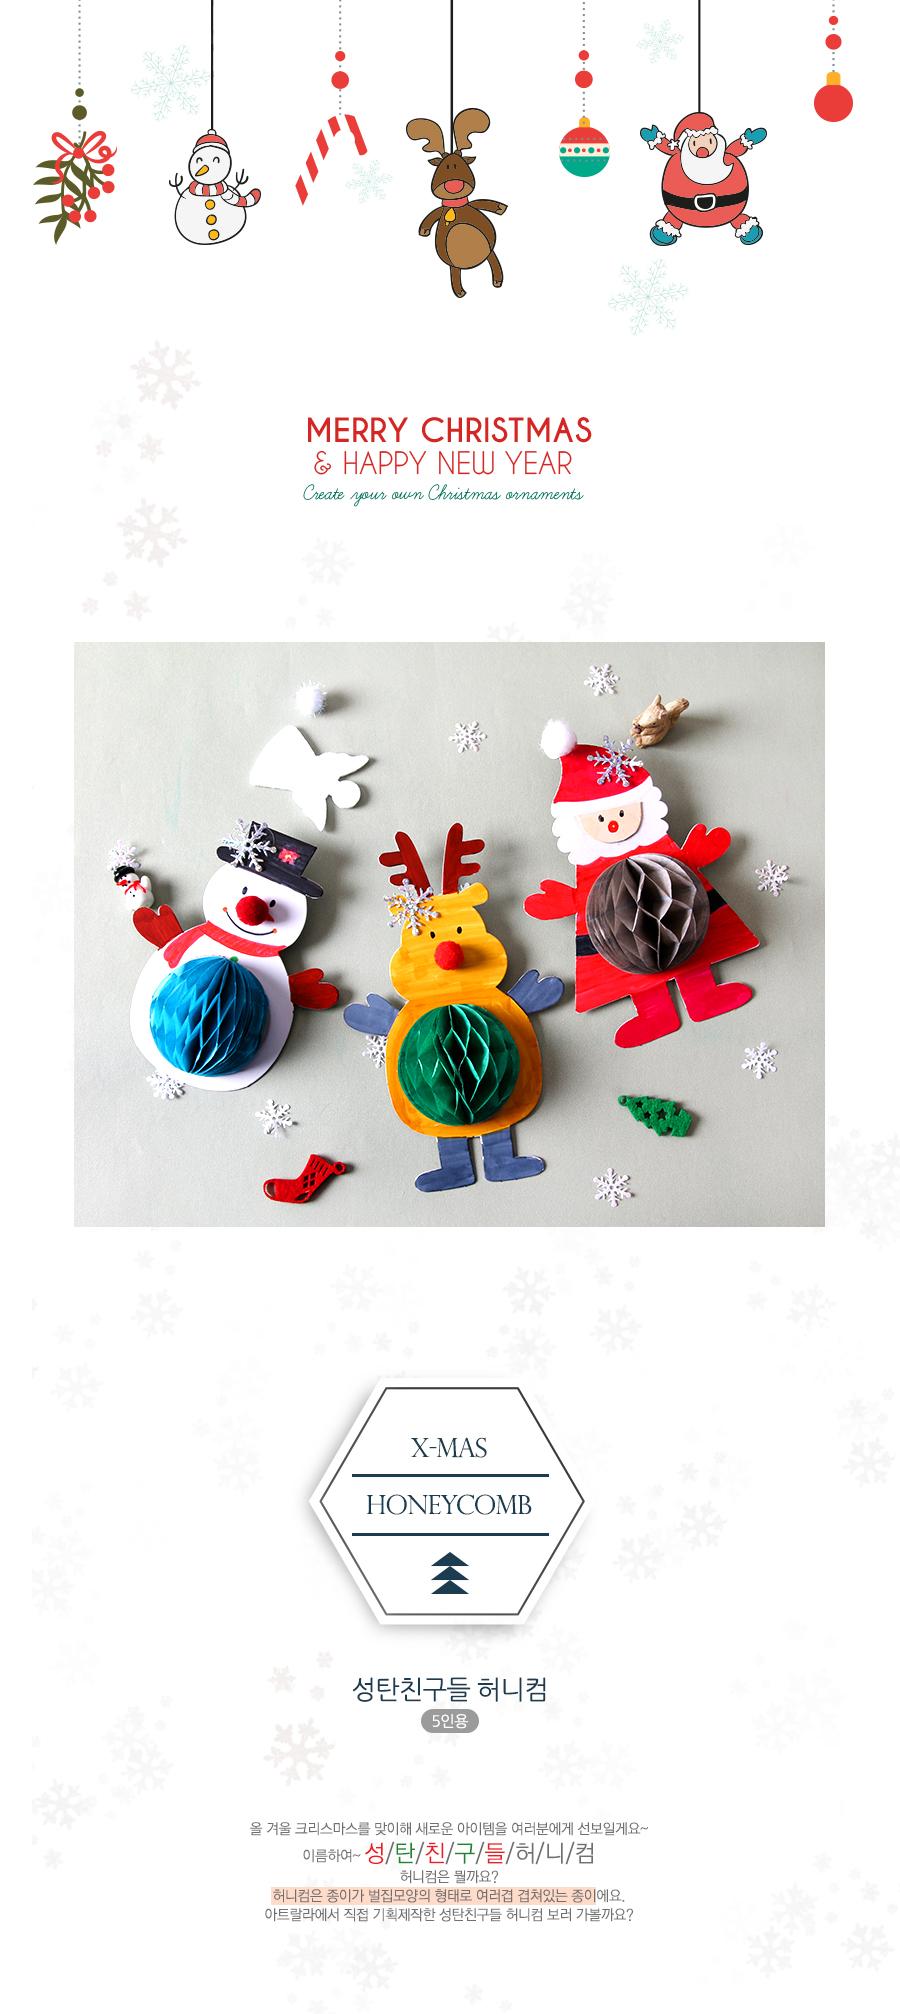 [크리스마스]성탄친구들 (5인용)/허니컴/만들기6,700원-아트랄라인테리어, 크리스마스용품, 장식품, 크리스마스소품바보사랑[크리스마스]성탄친구들 (5인용)/허니컴/만들기6,700원-아트랄라인테리어, 크리스마스용품, 장식품, 크리스마스소품바보사랑